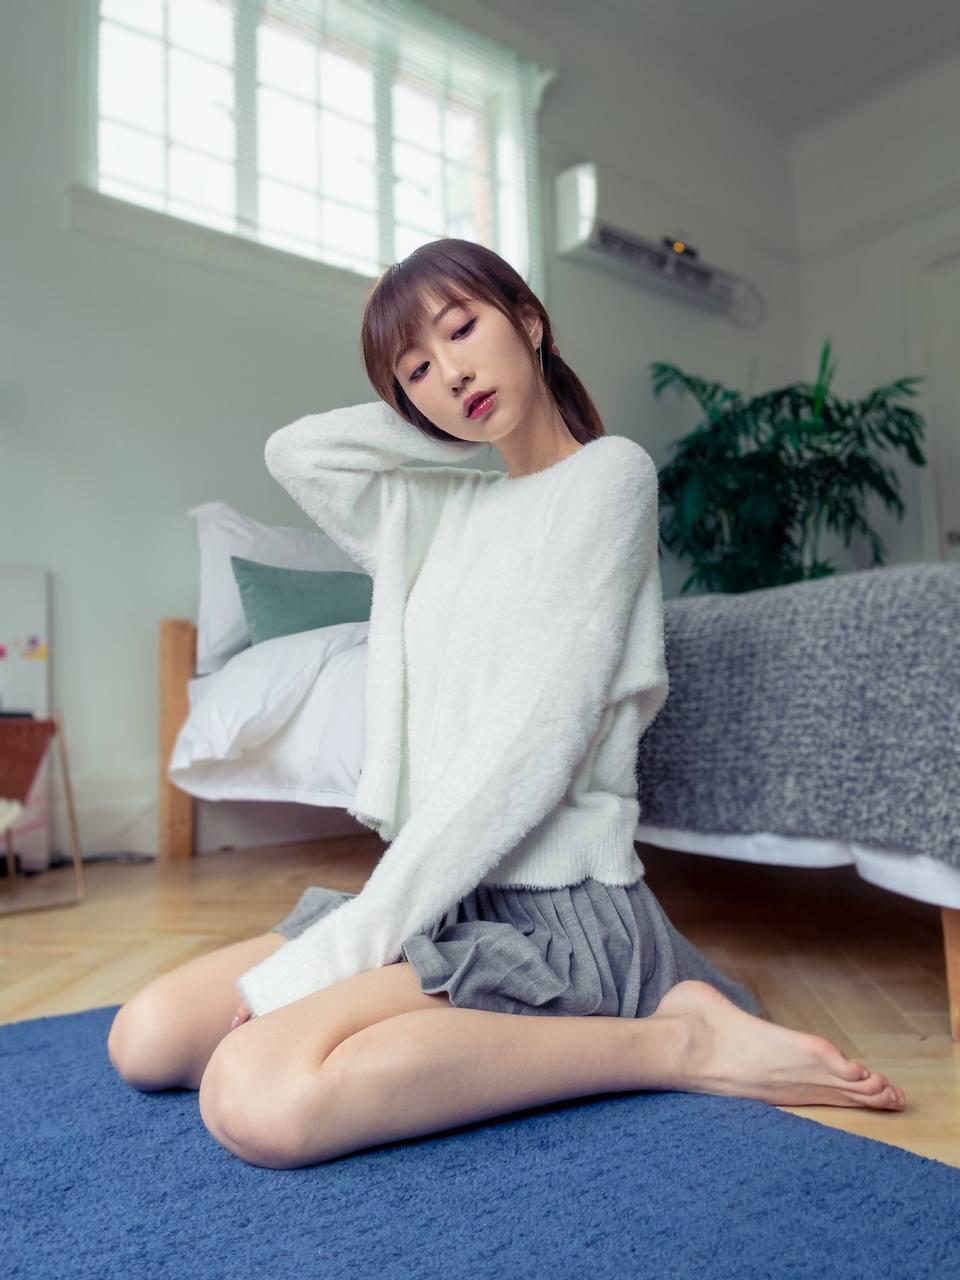 佳人如梦第二十二期 网络美女 第31张